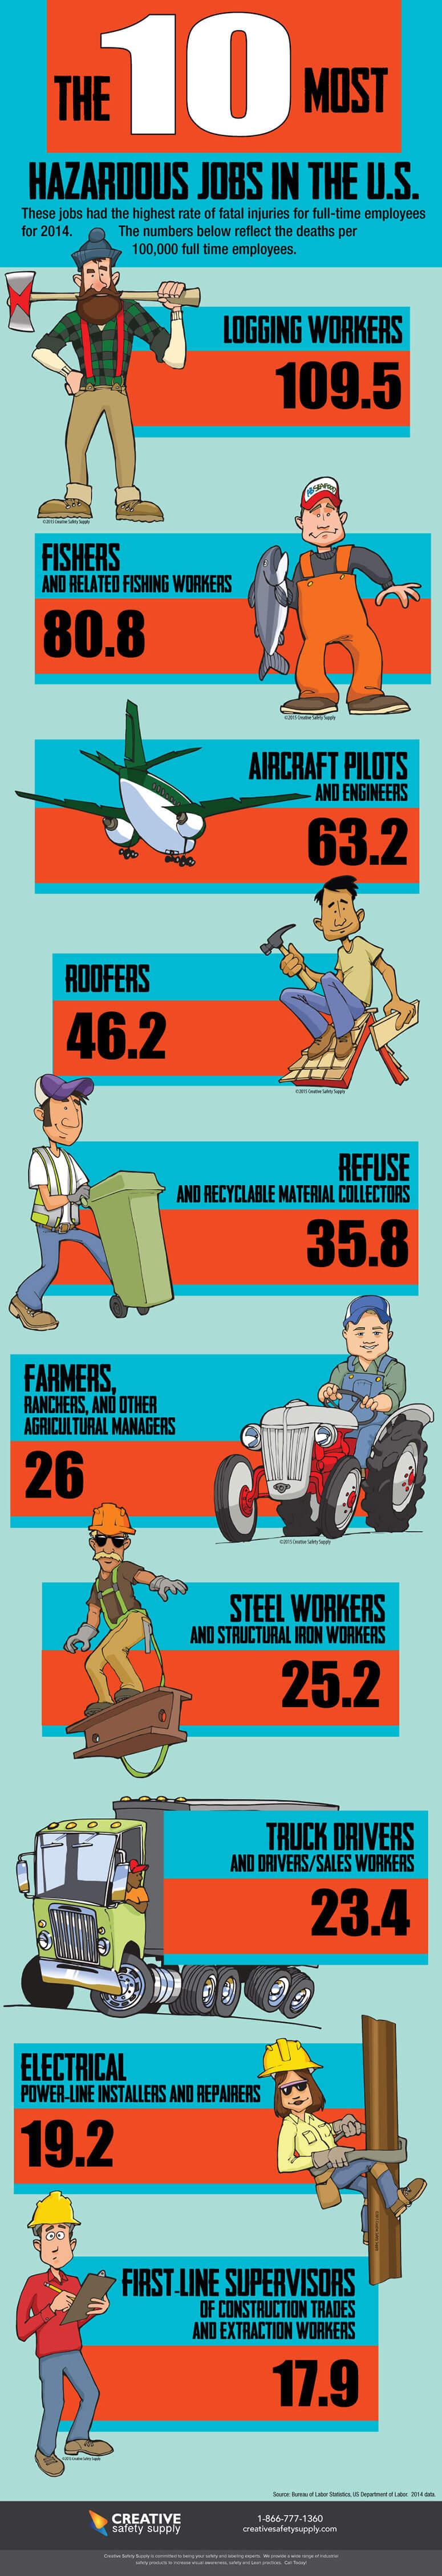 10-most-hazardous-jobs-infographic-plaza